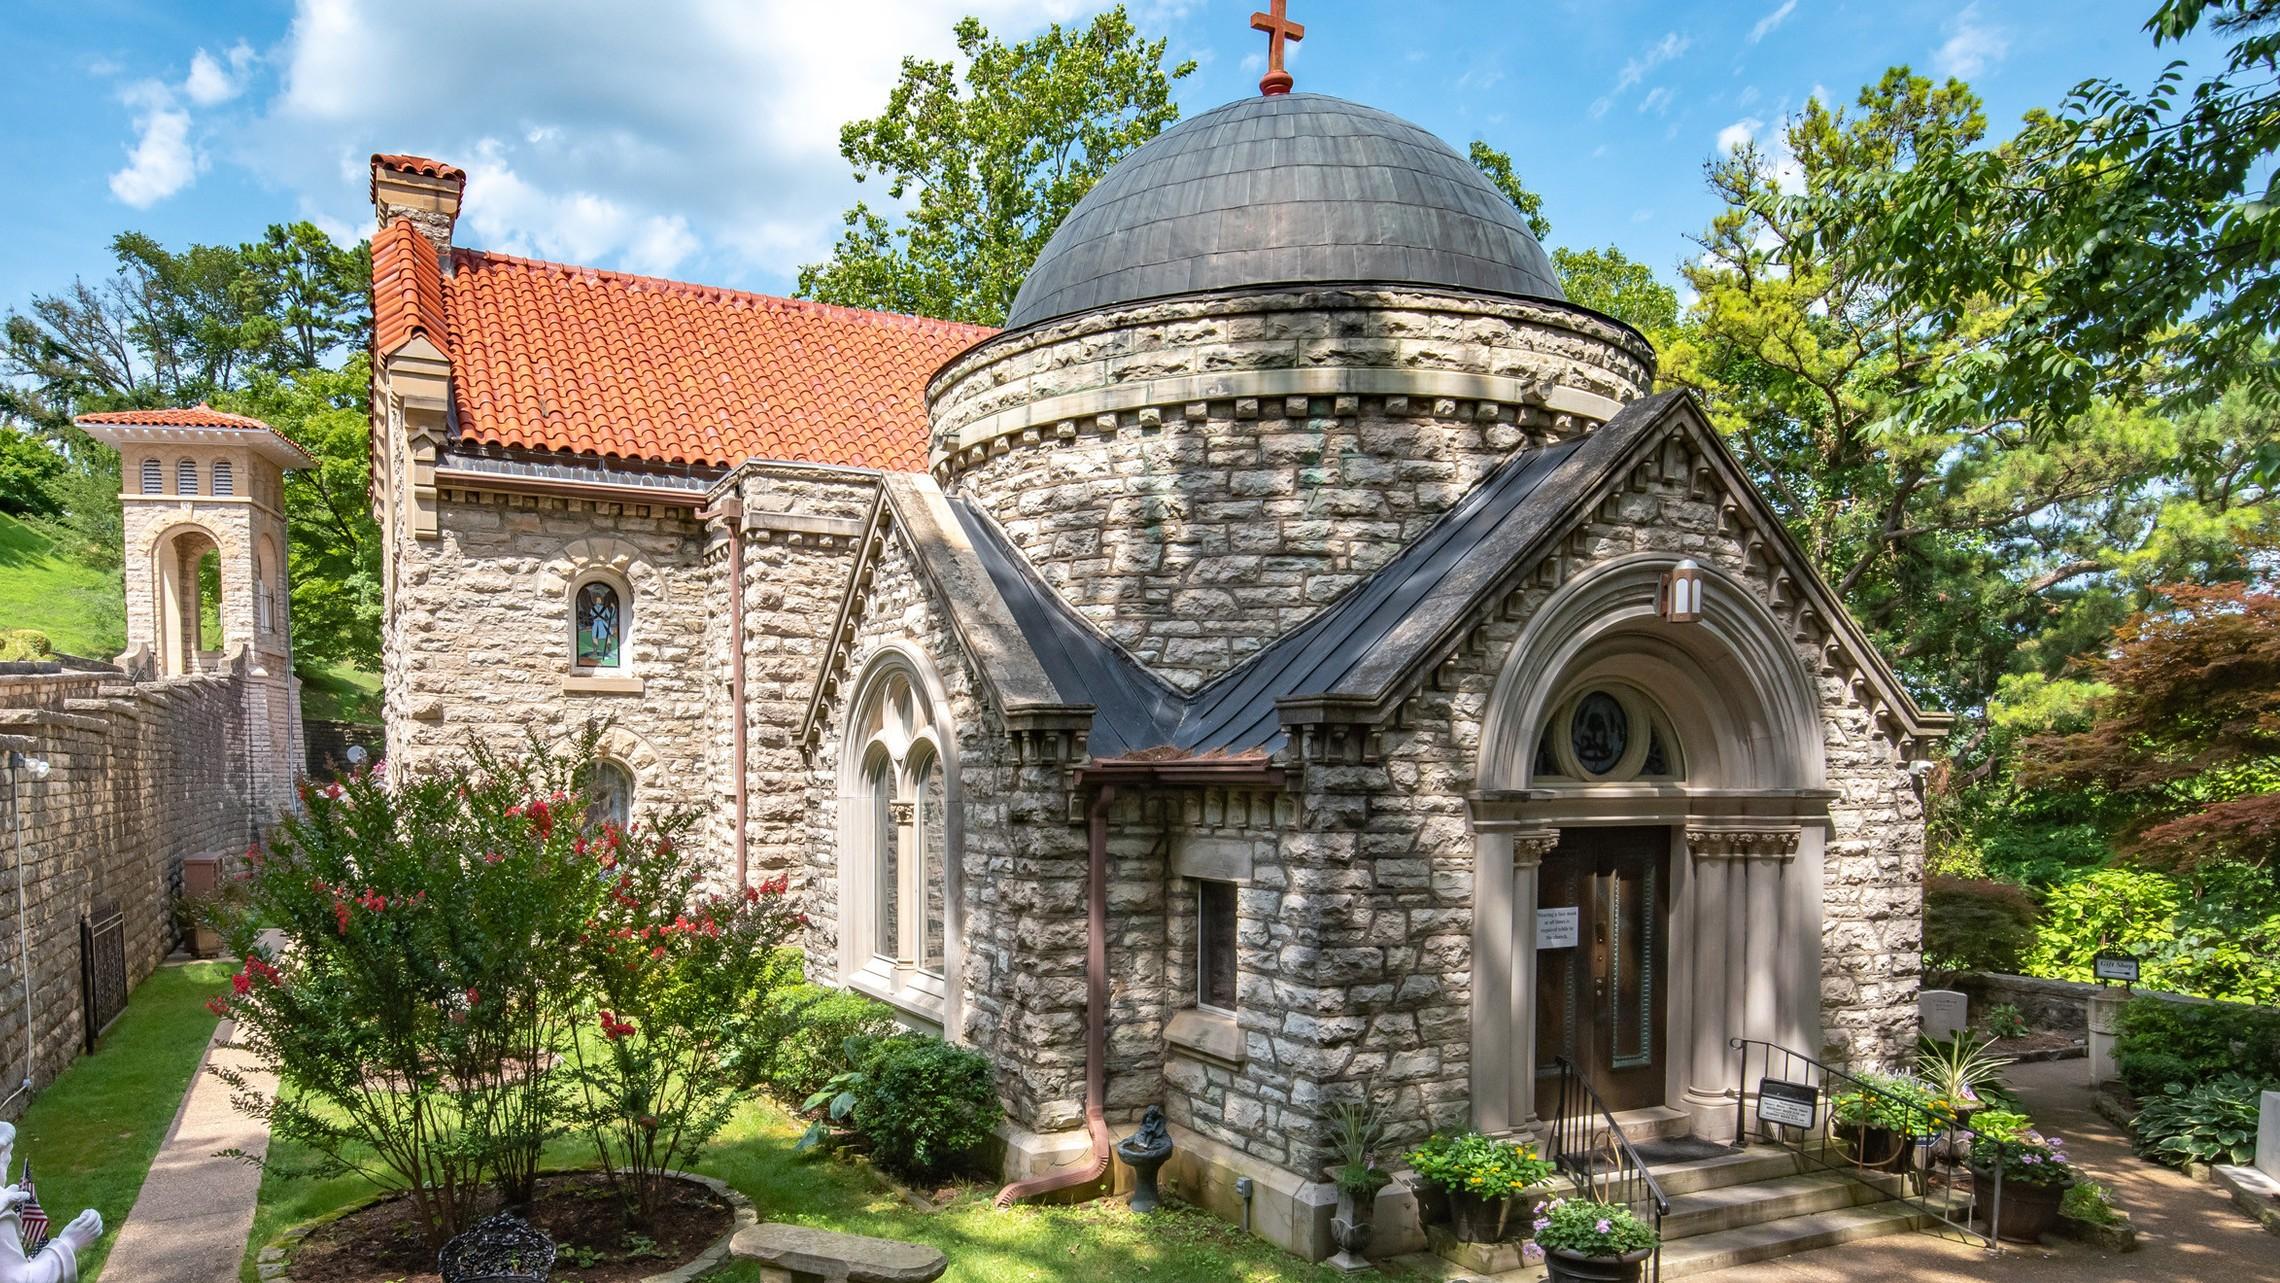 Outside Church 2400 X 1320